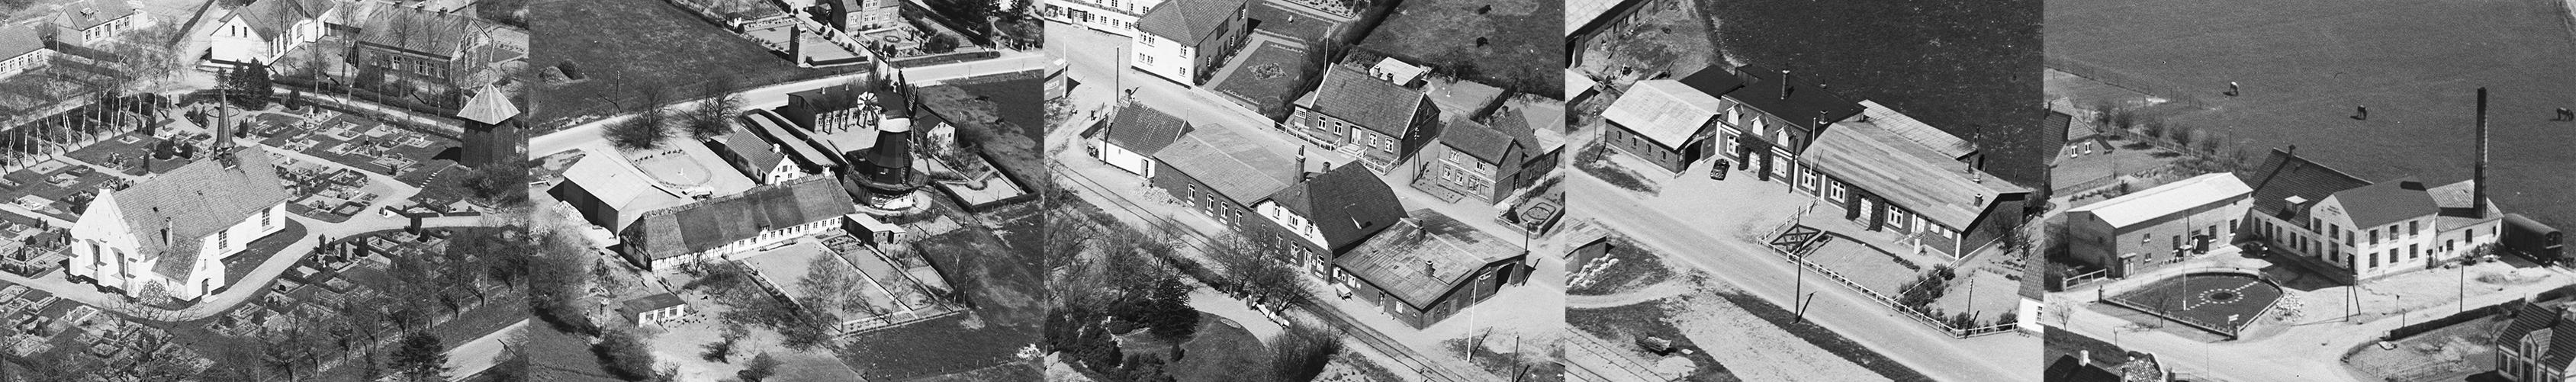 Lokalhistorisk Arkiv for Tandslet Sogn